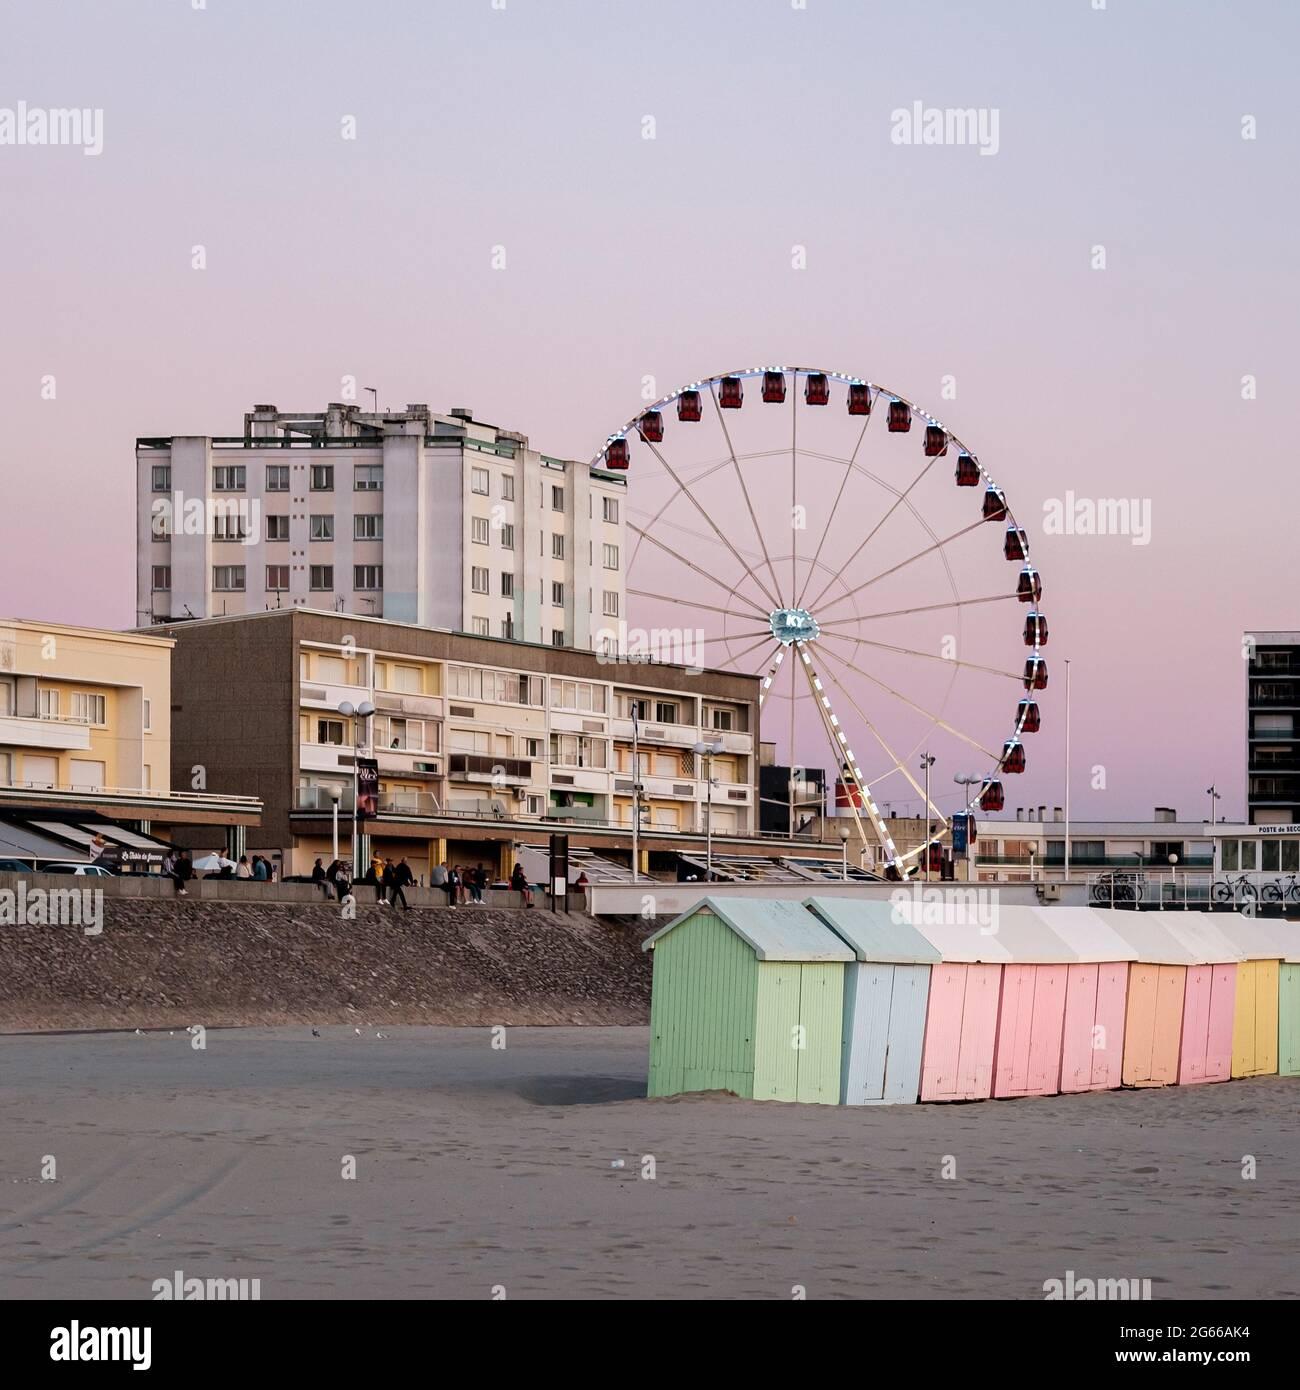 Cabine sulla spiaggia dai colori pastello e ruota gigante sulla spiaggia Di Berck in Francia Foto Stock